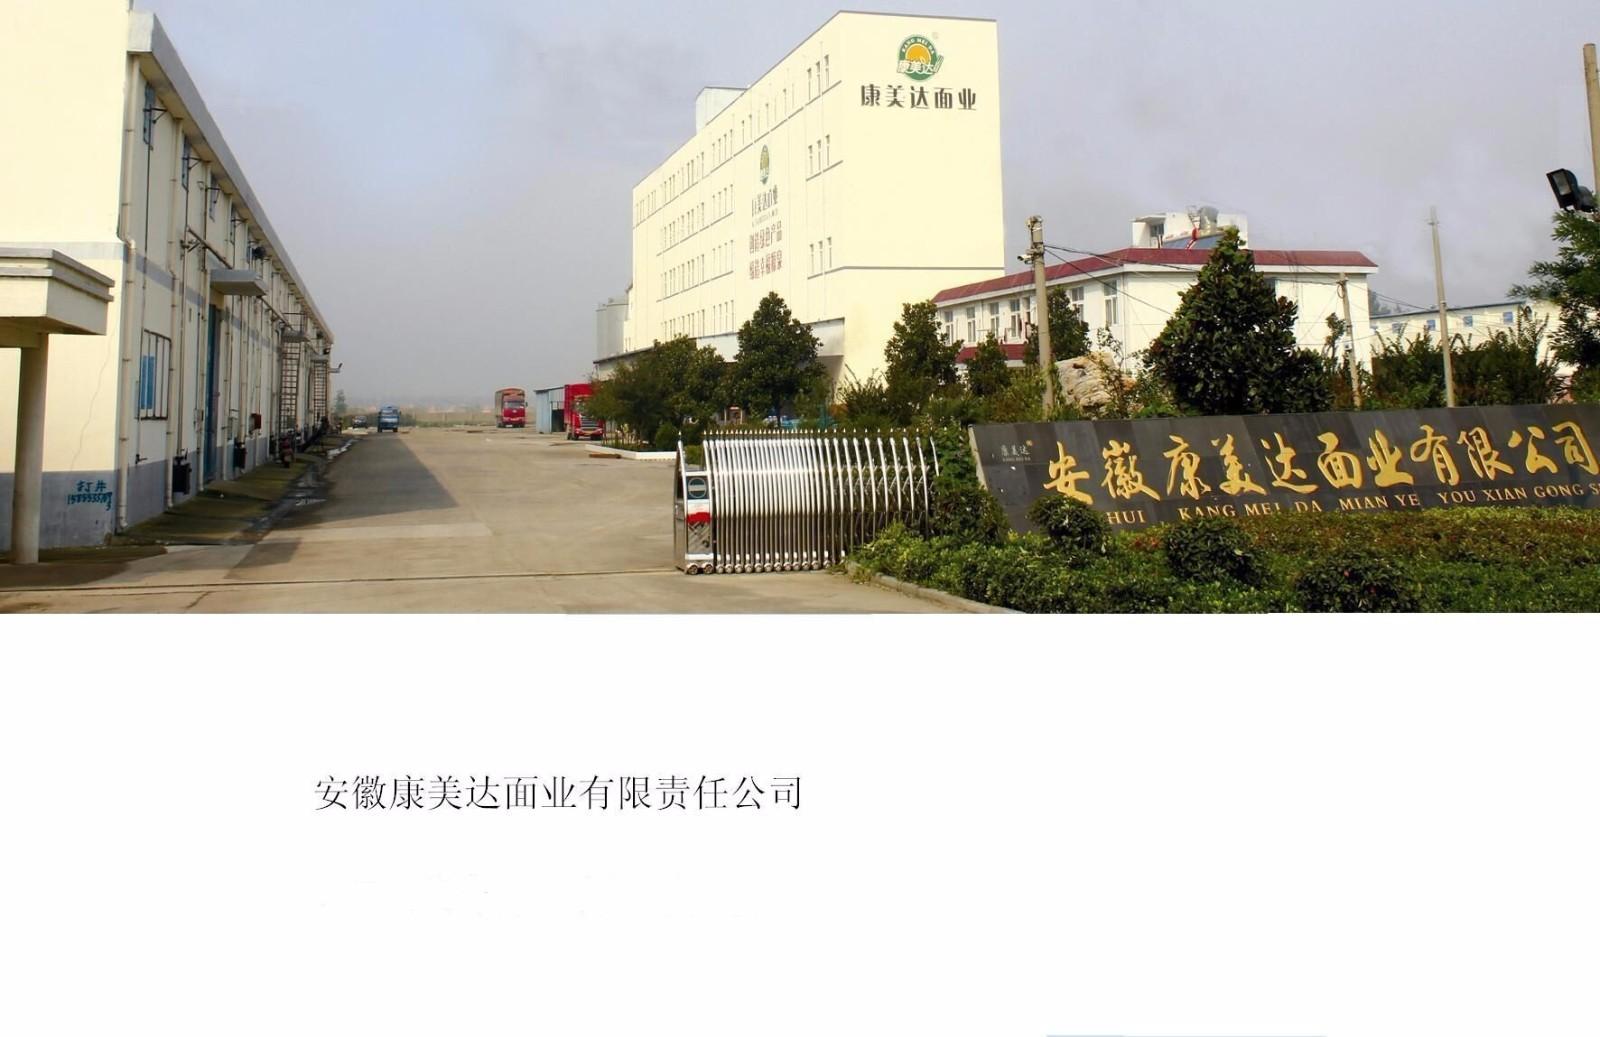 安徽康美达面业有限责任公司荣获安徽省信息化与产业化融合示范企业